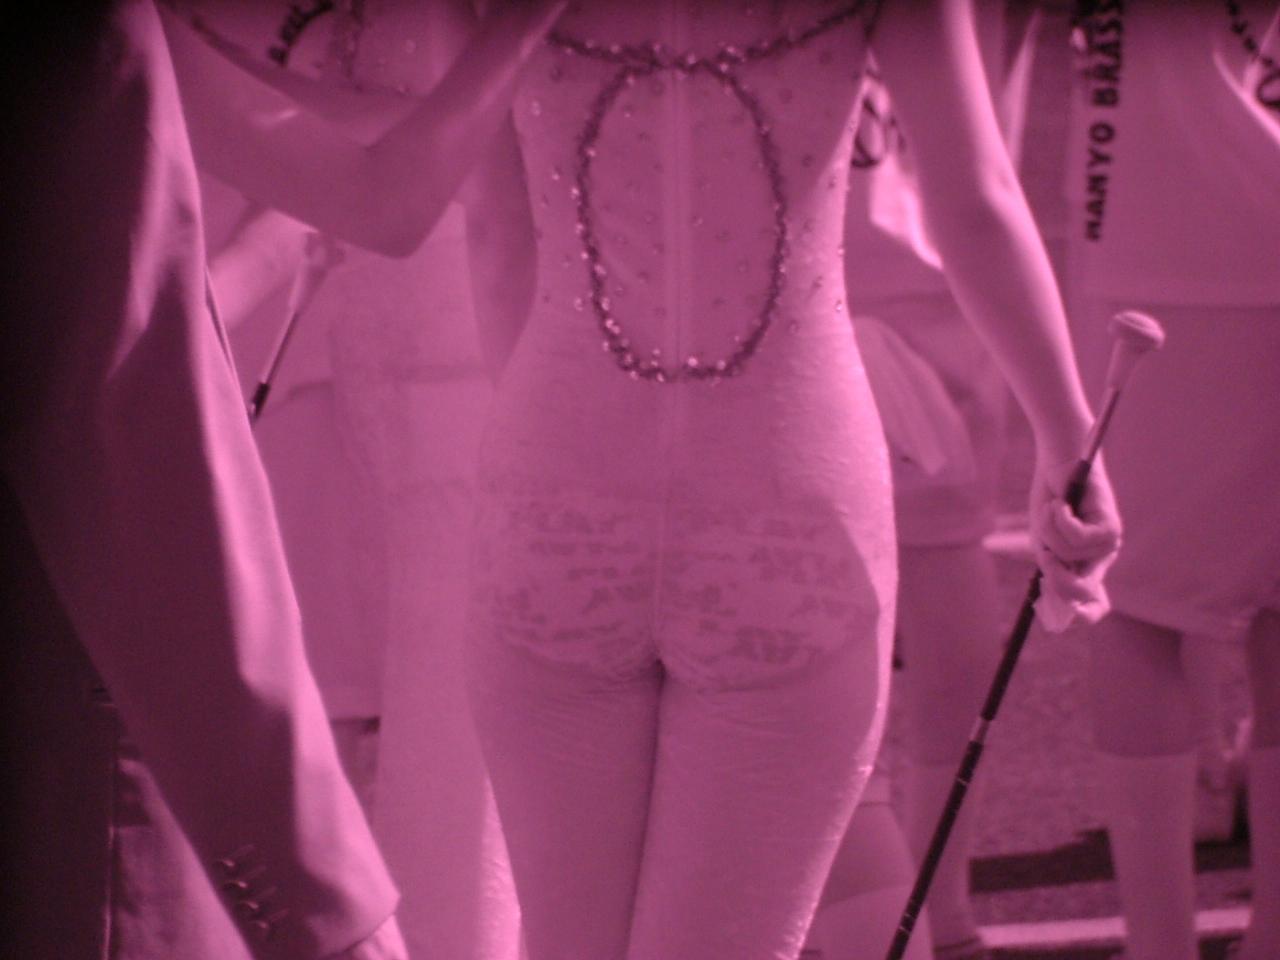 赤外線カメラを使っておっぱい丸透けの街撮りエロ画像 6143